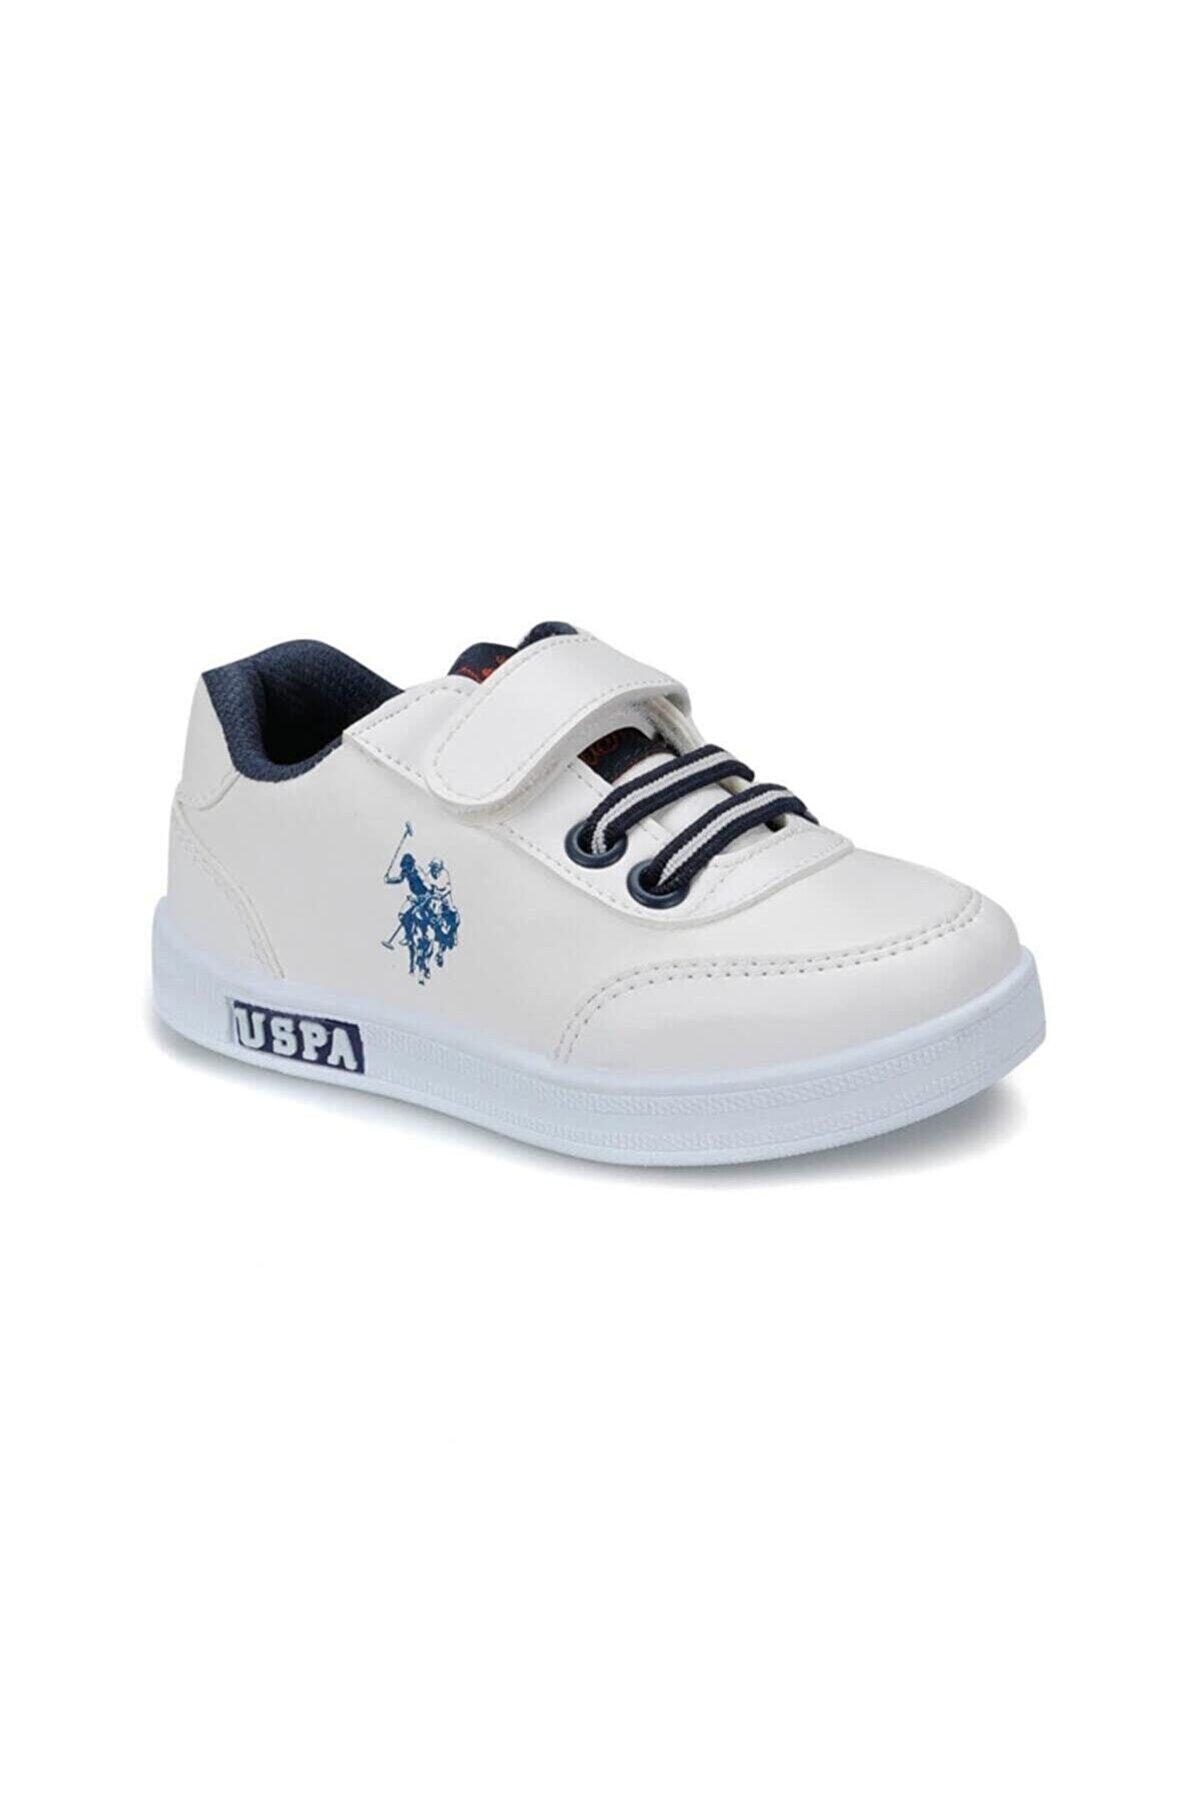 US Polo Assn CAMERON Beyaz Unisex Çocuk Sneaker 100241648